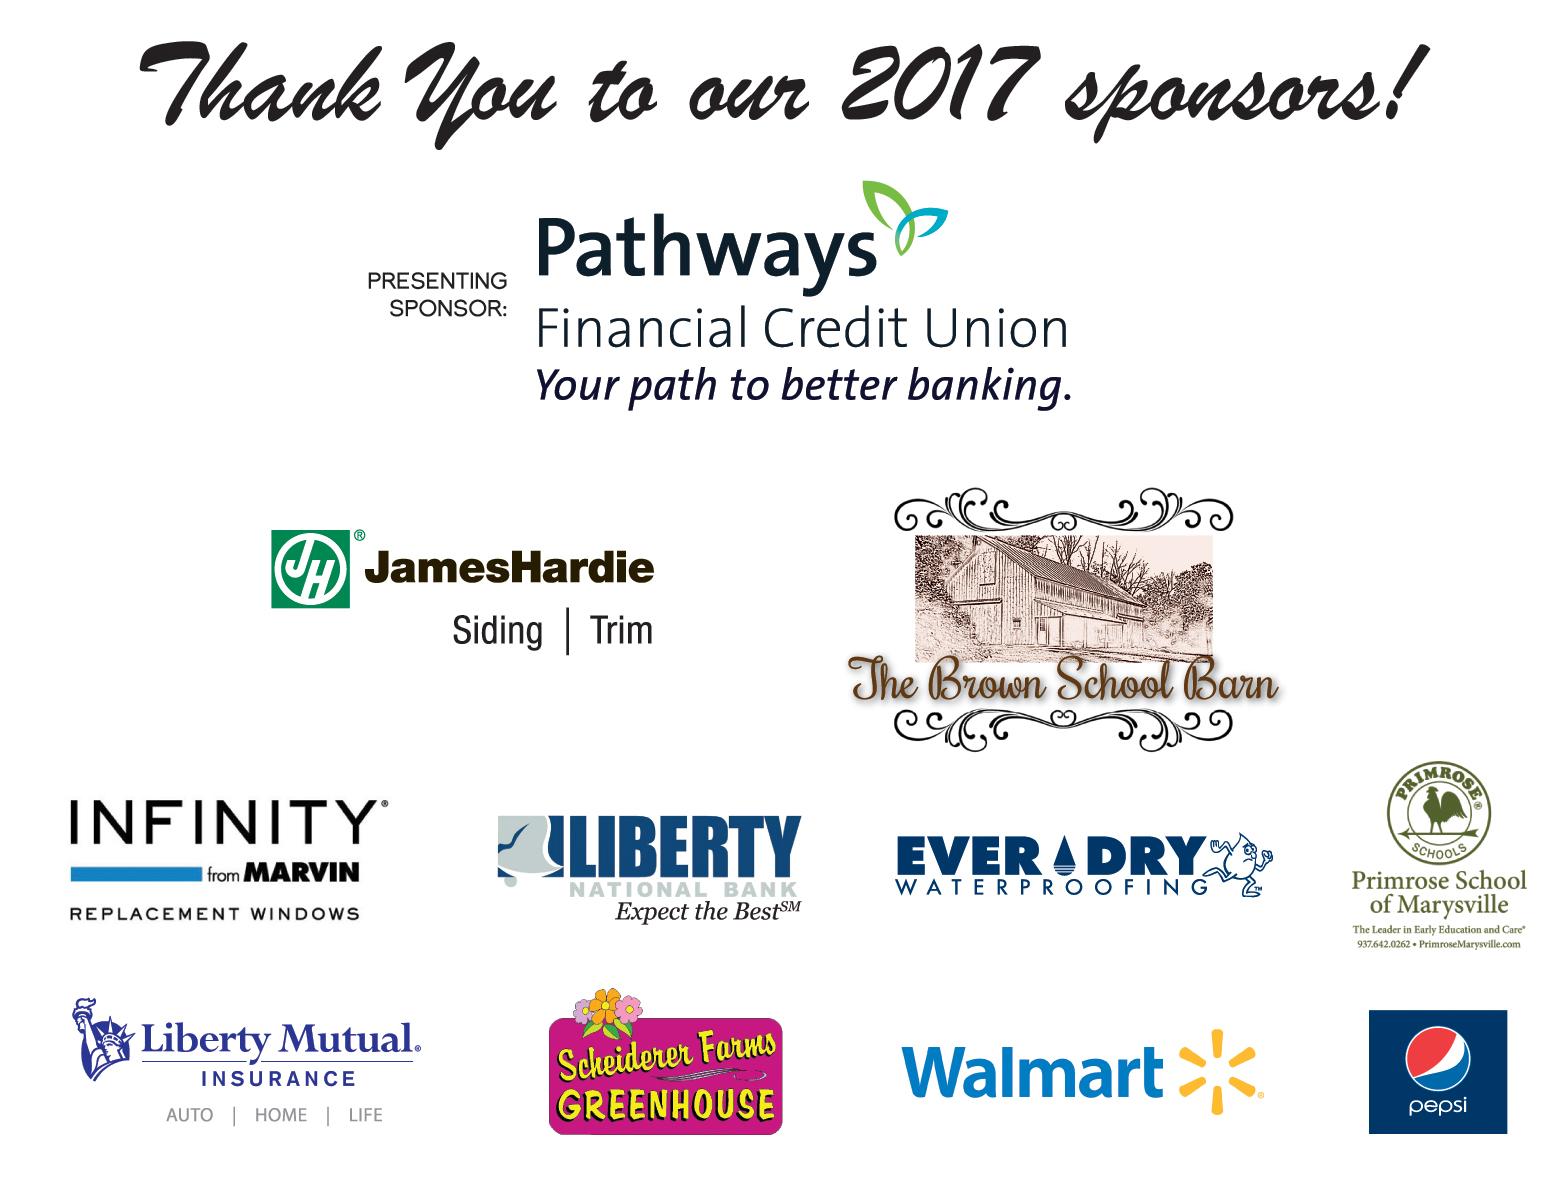 SponsorLogos-2017